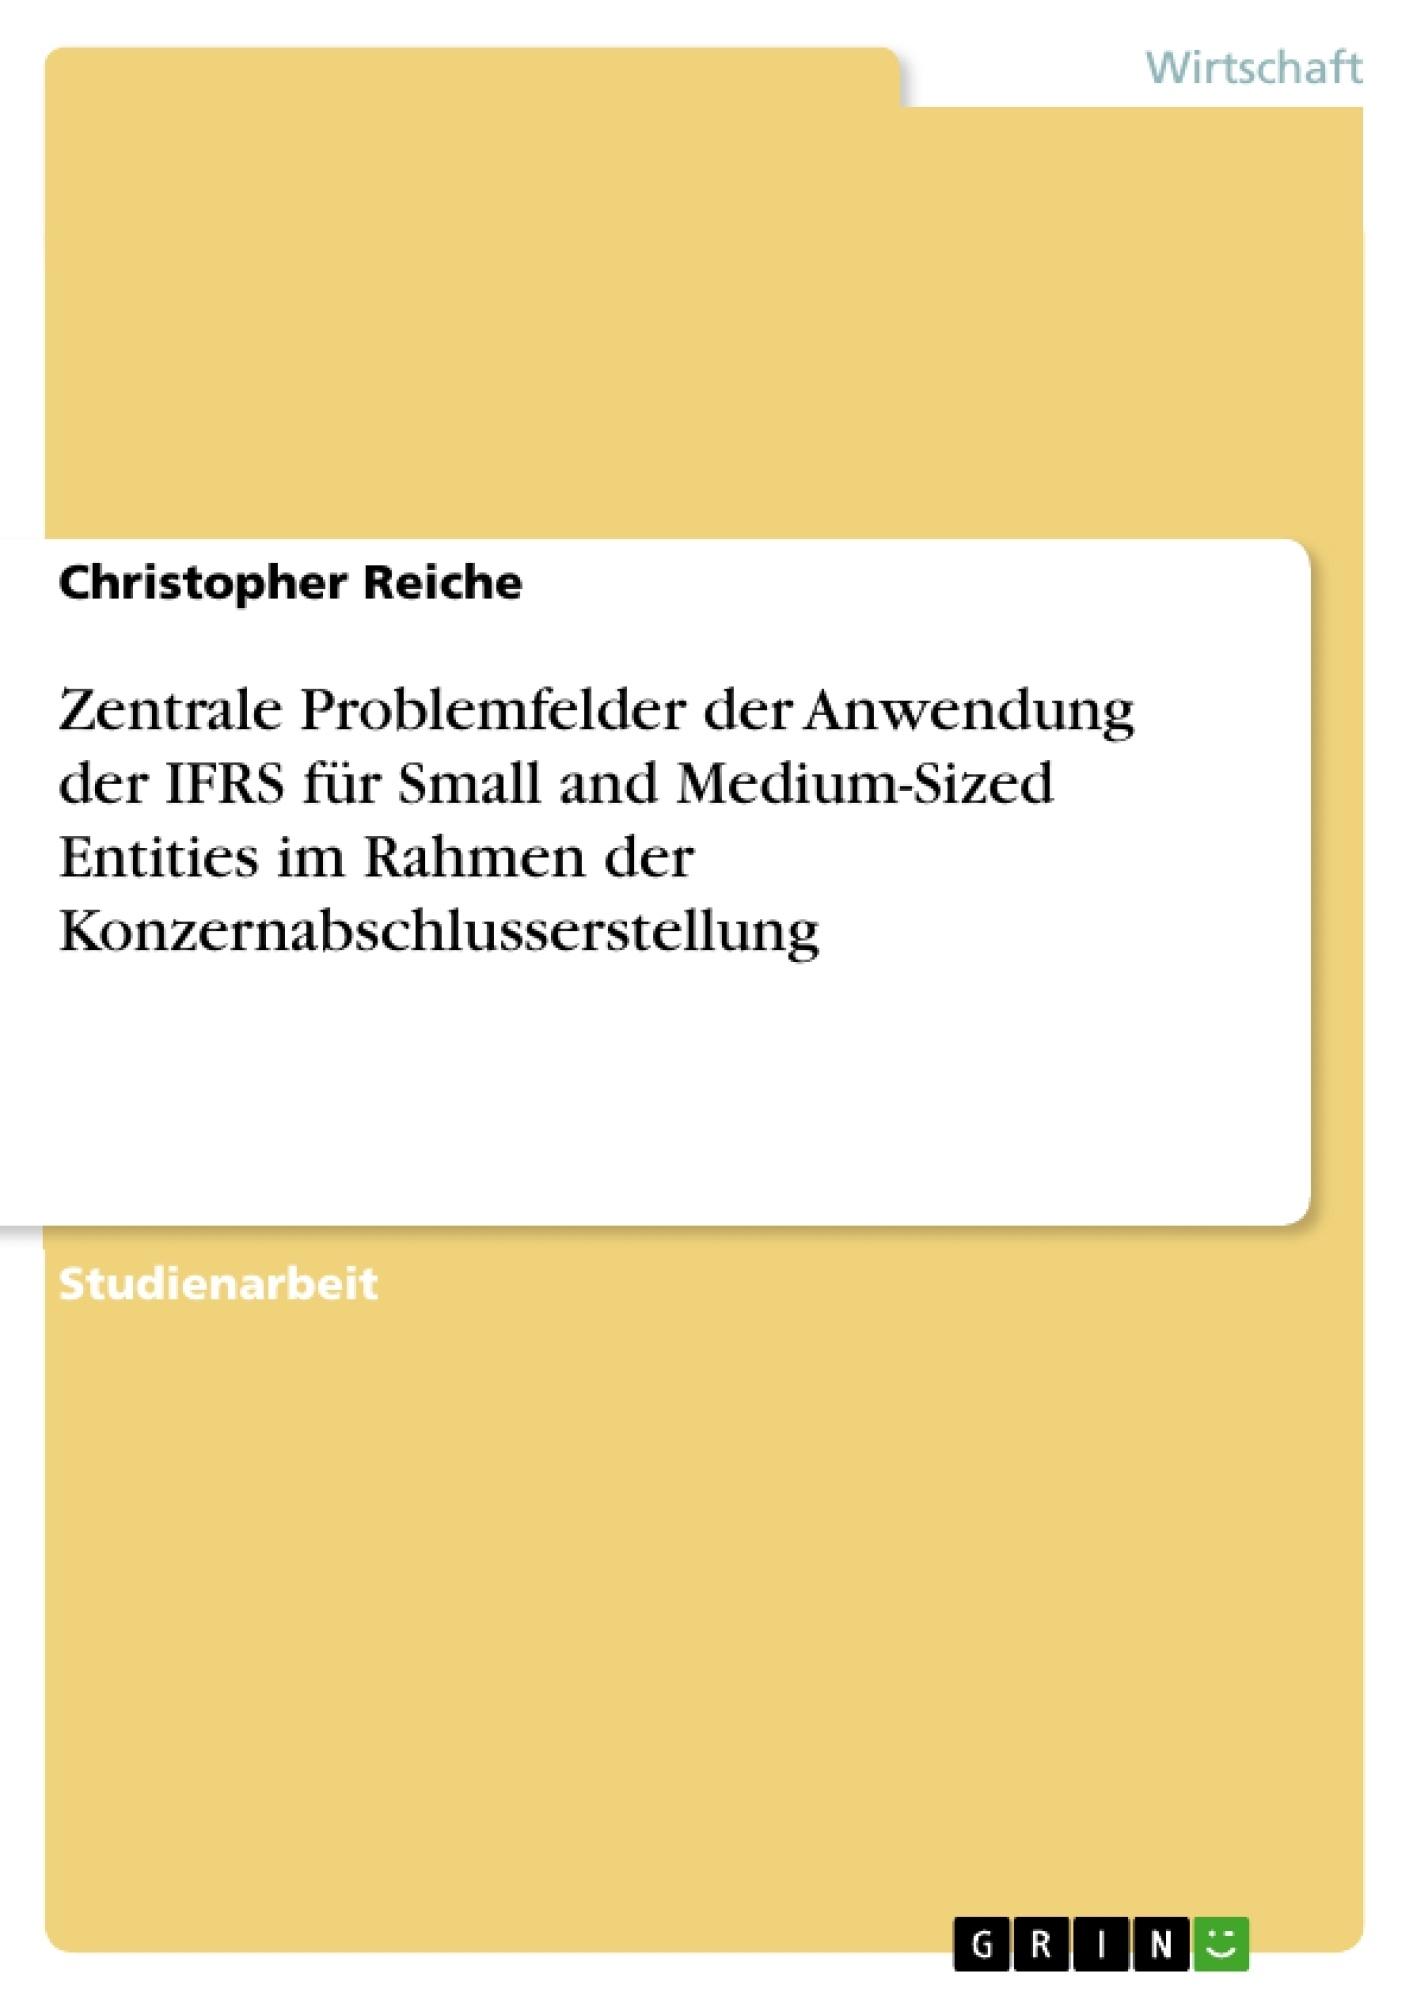 Titel: Zentrale Problemfelder der Anwendung der IFRS für Small and Medium-Sized Entities im Rahmen der Konzernabschlusserstellung